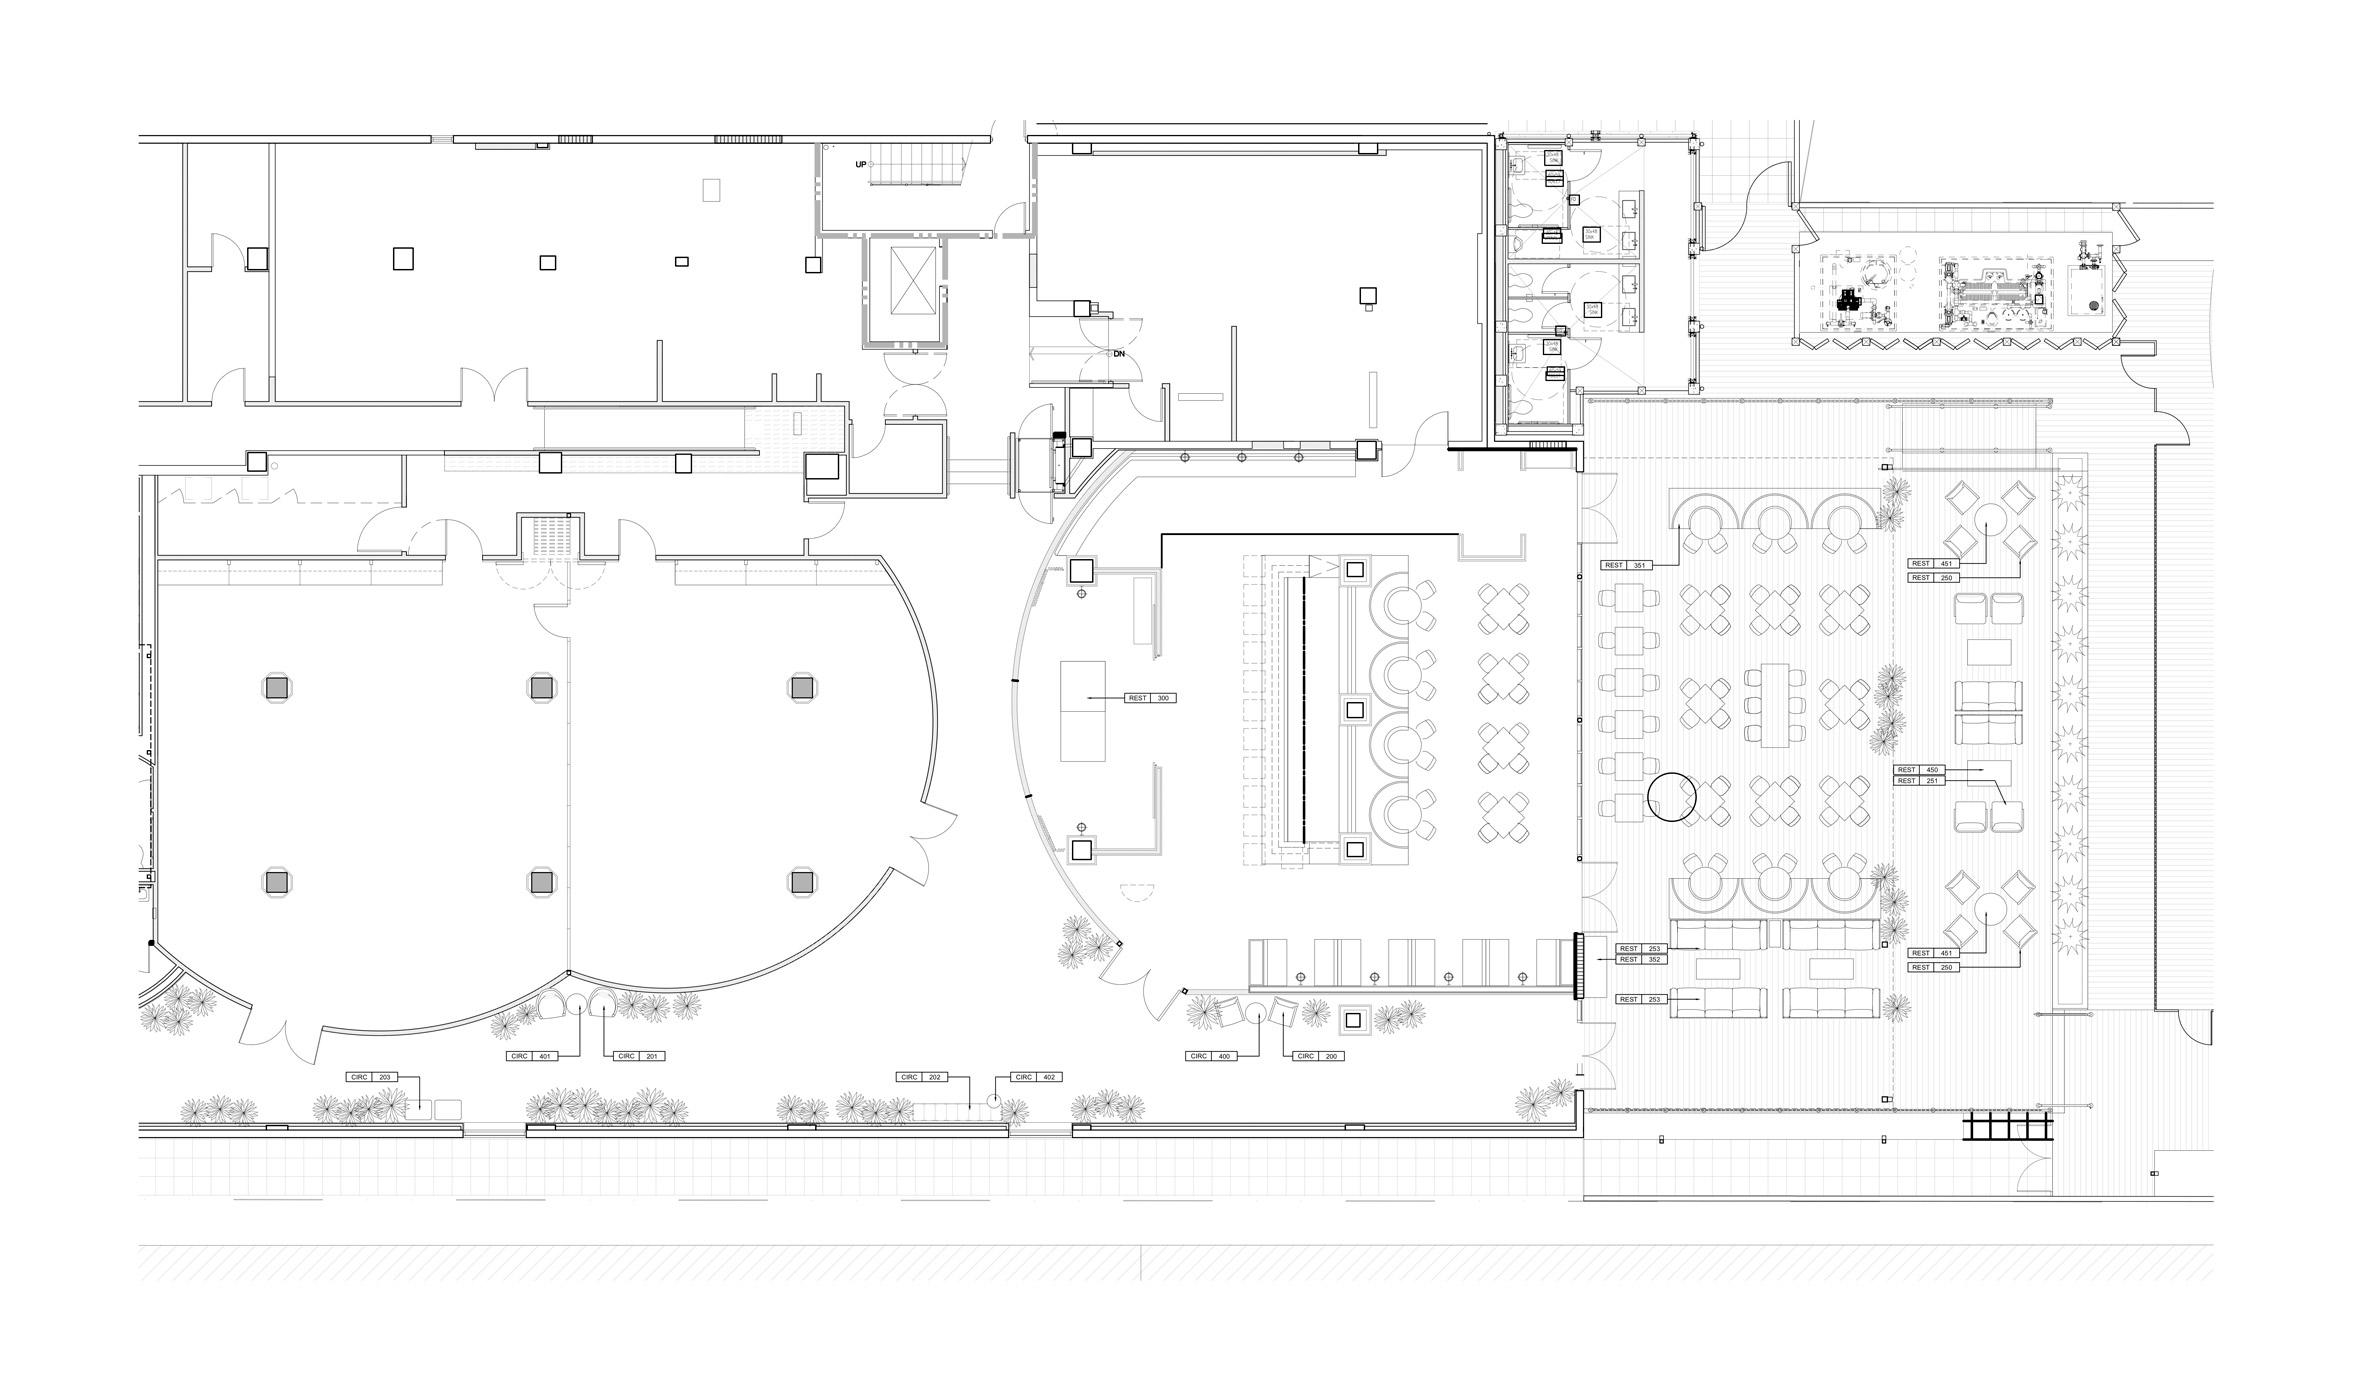 Thiết kế quán cà phê 7